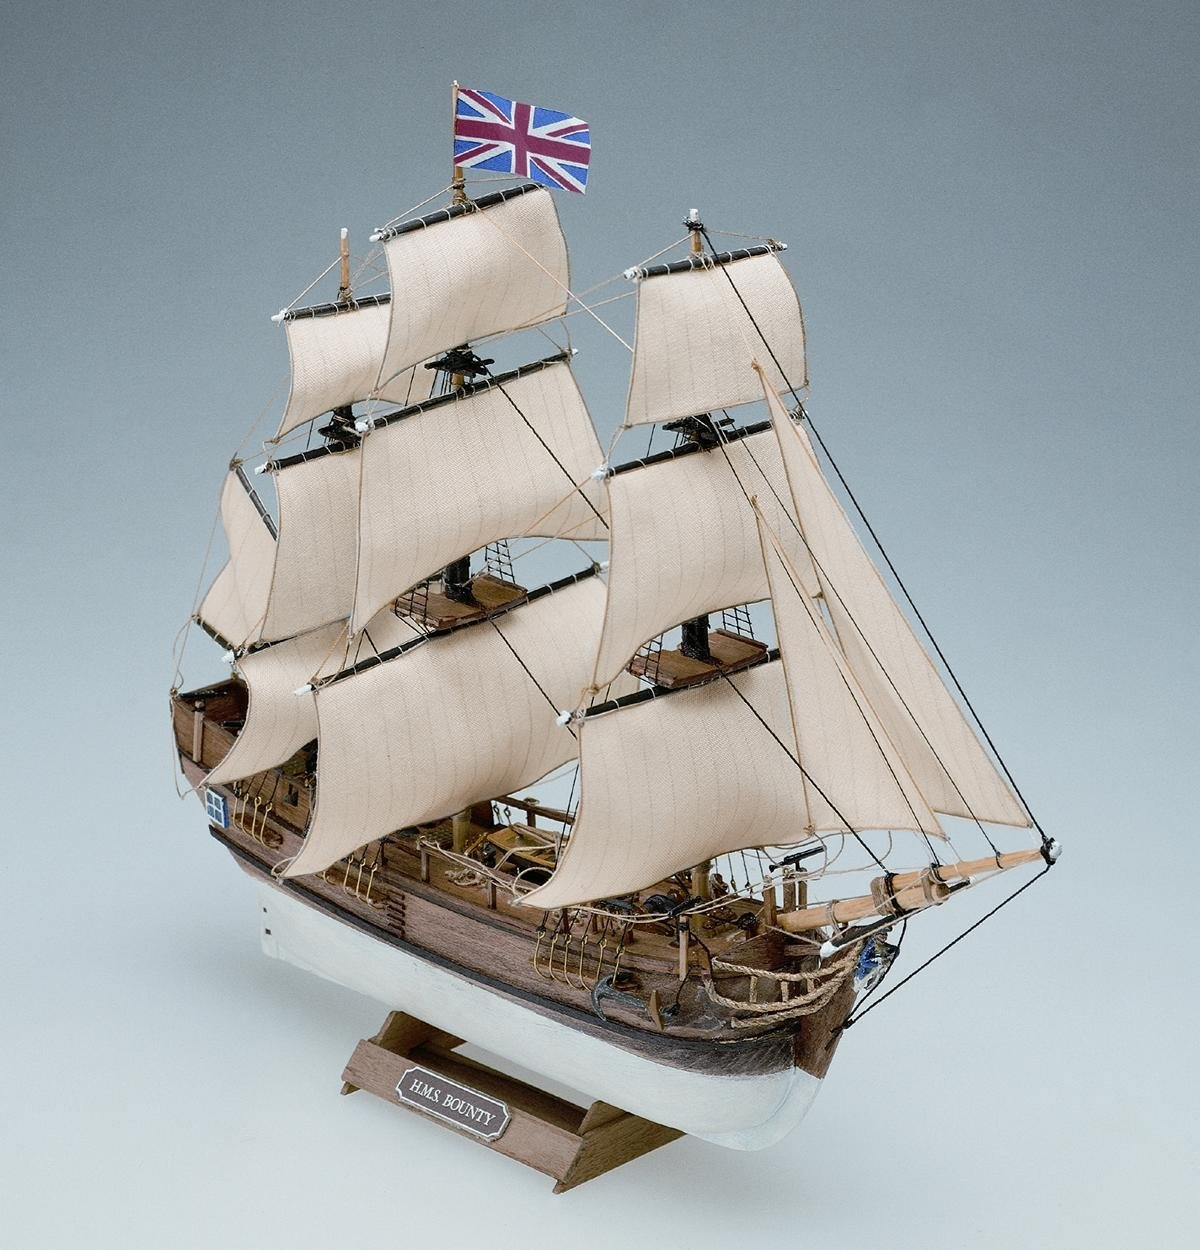 Maqueta en madera del barco Bounty